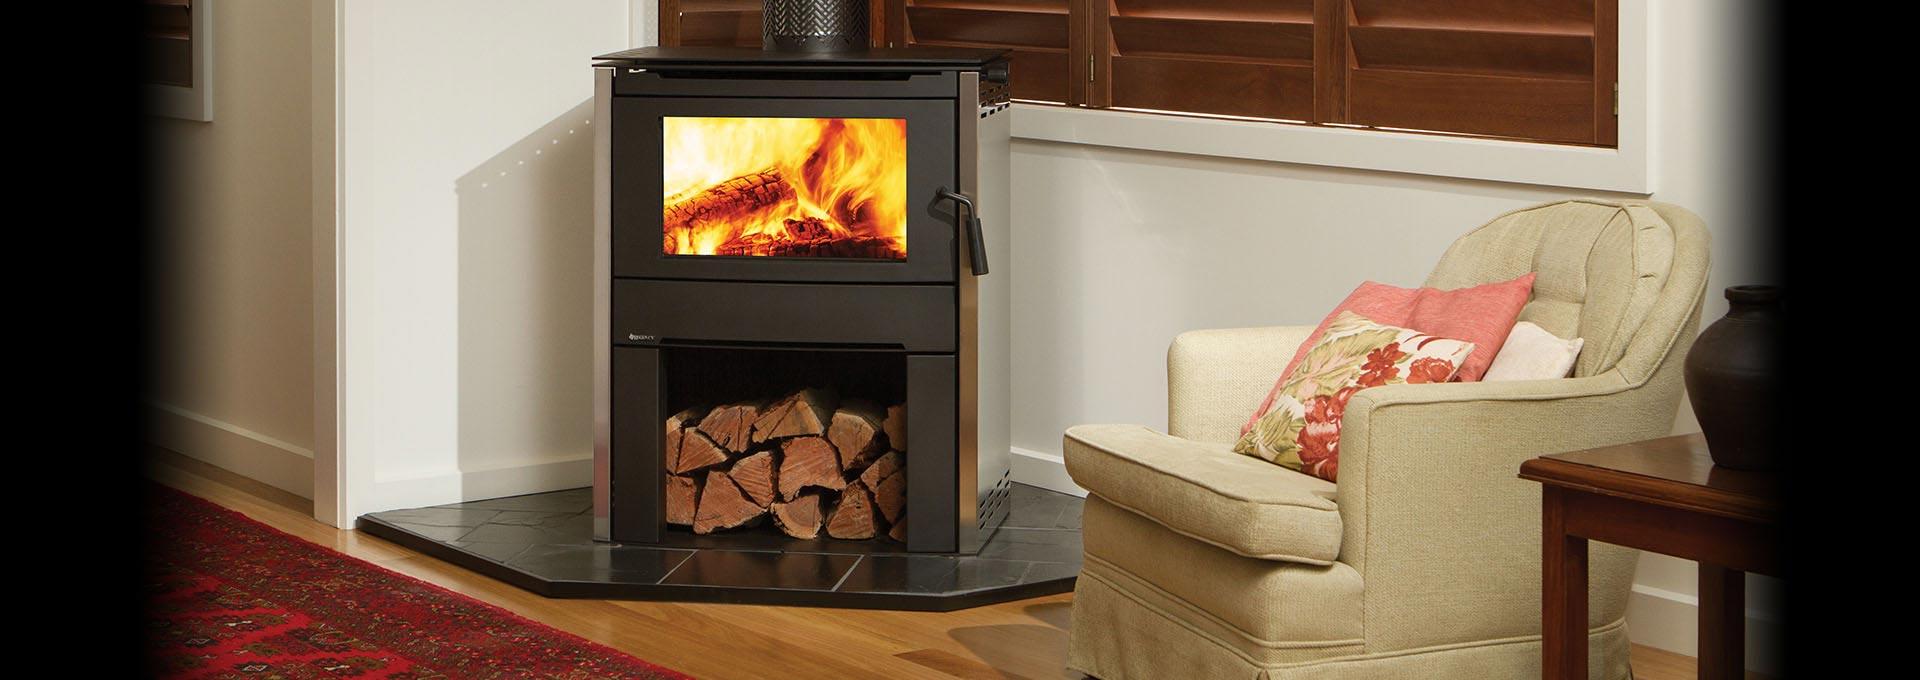 wood freestanding heaters  regency fireplace products australia - regency® alterra wood freestanding